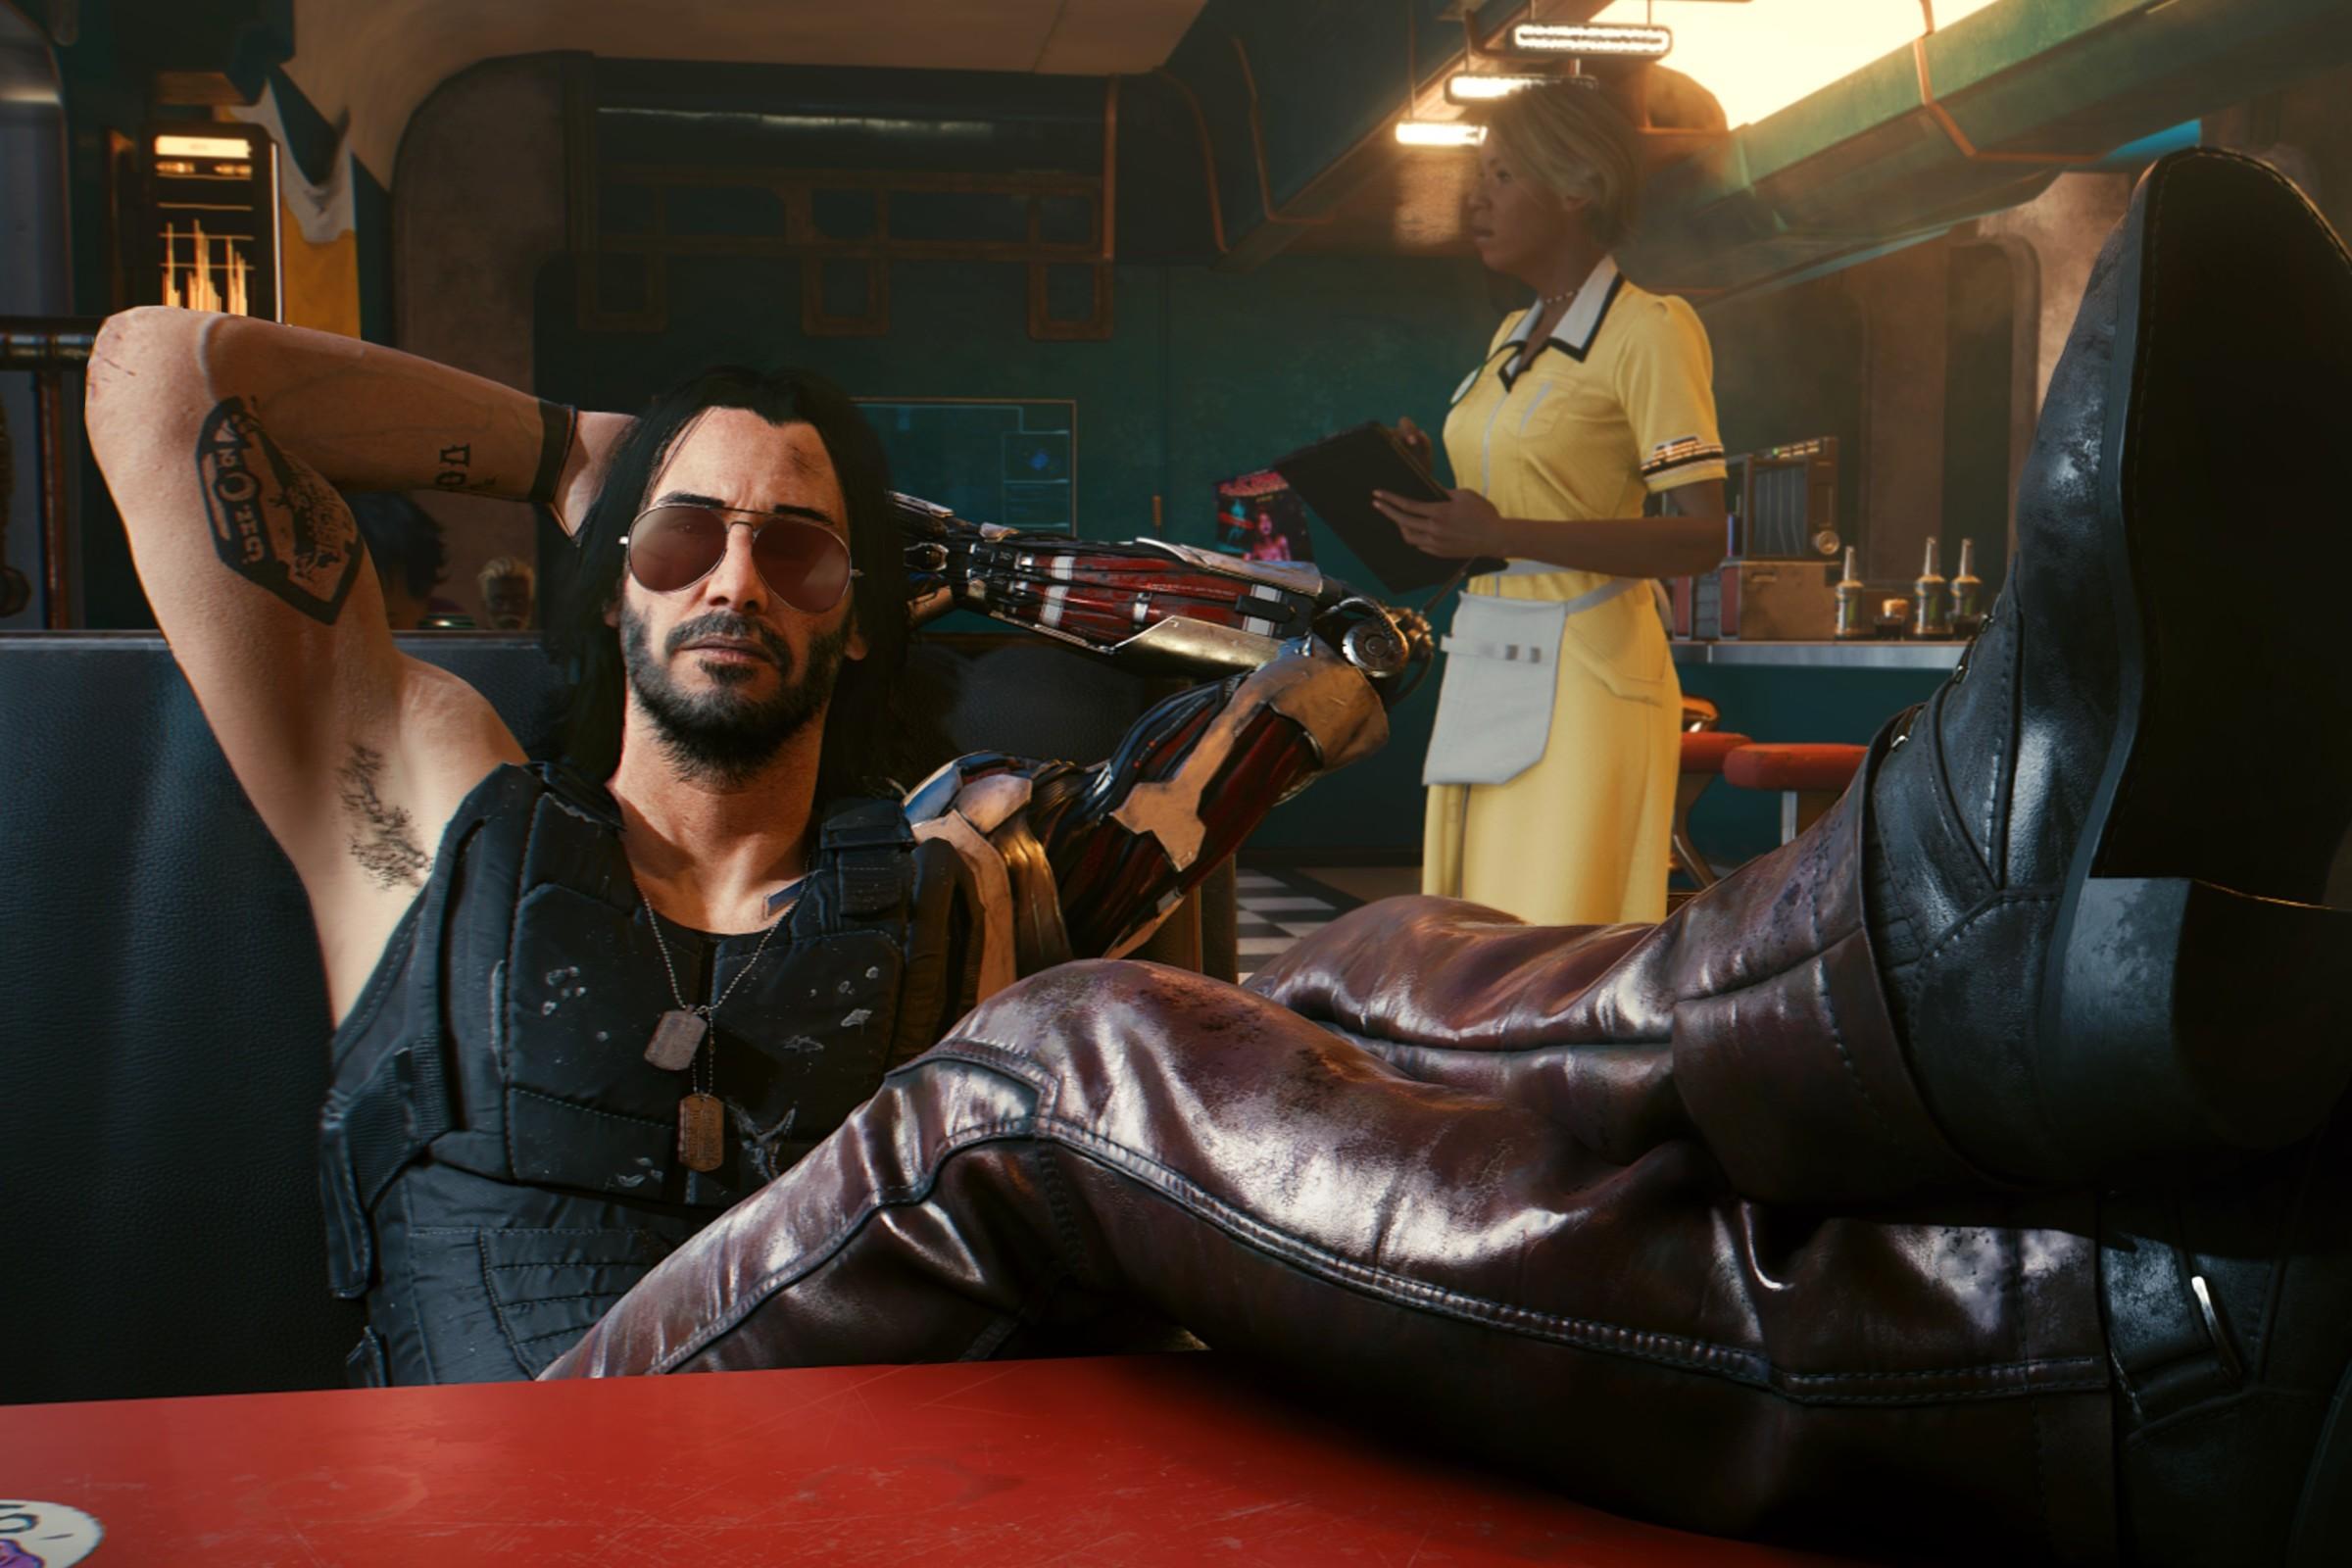 Каким был бы фильм по Cyberpunk 2077? Фанат игры создал трейлер с Киану Ривзом